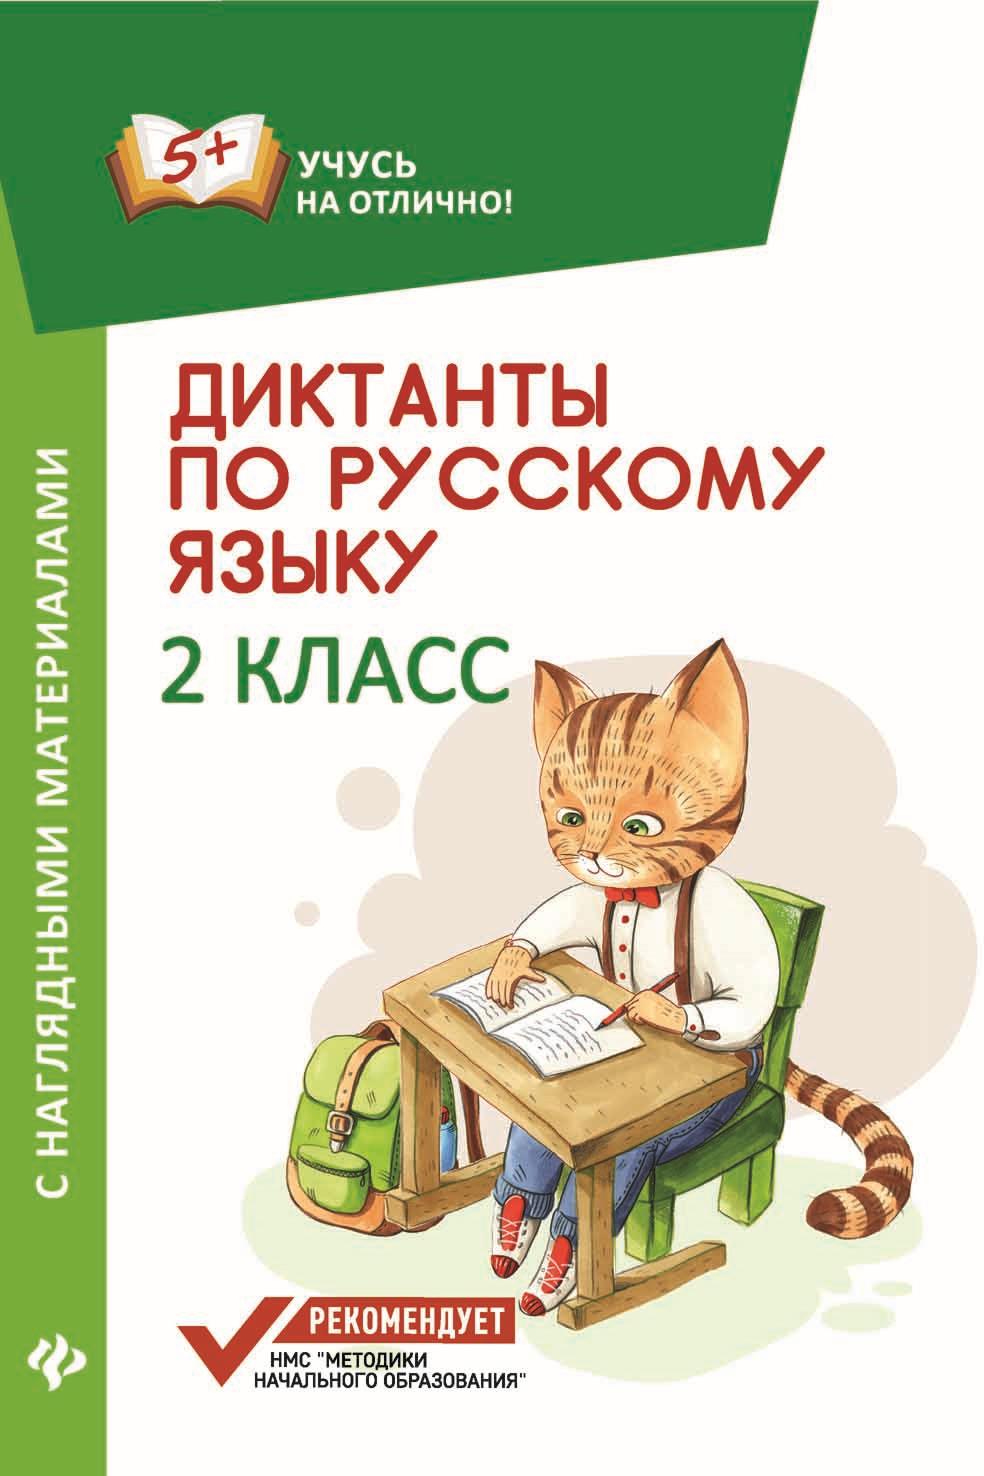 Бахурова Е.П.. Диктанты по русскому языку. 2 класс. С наглядными материалами